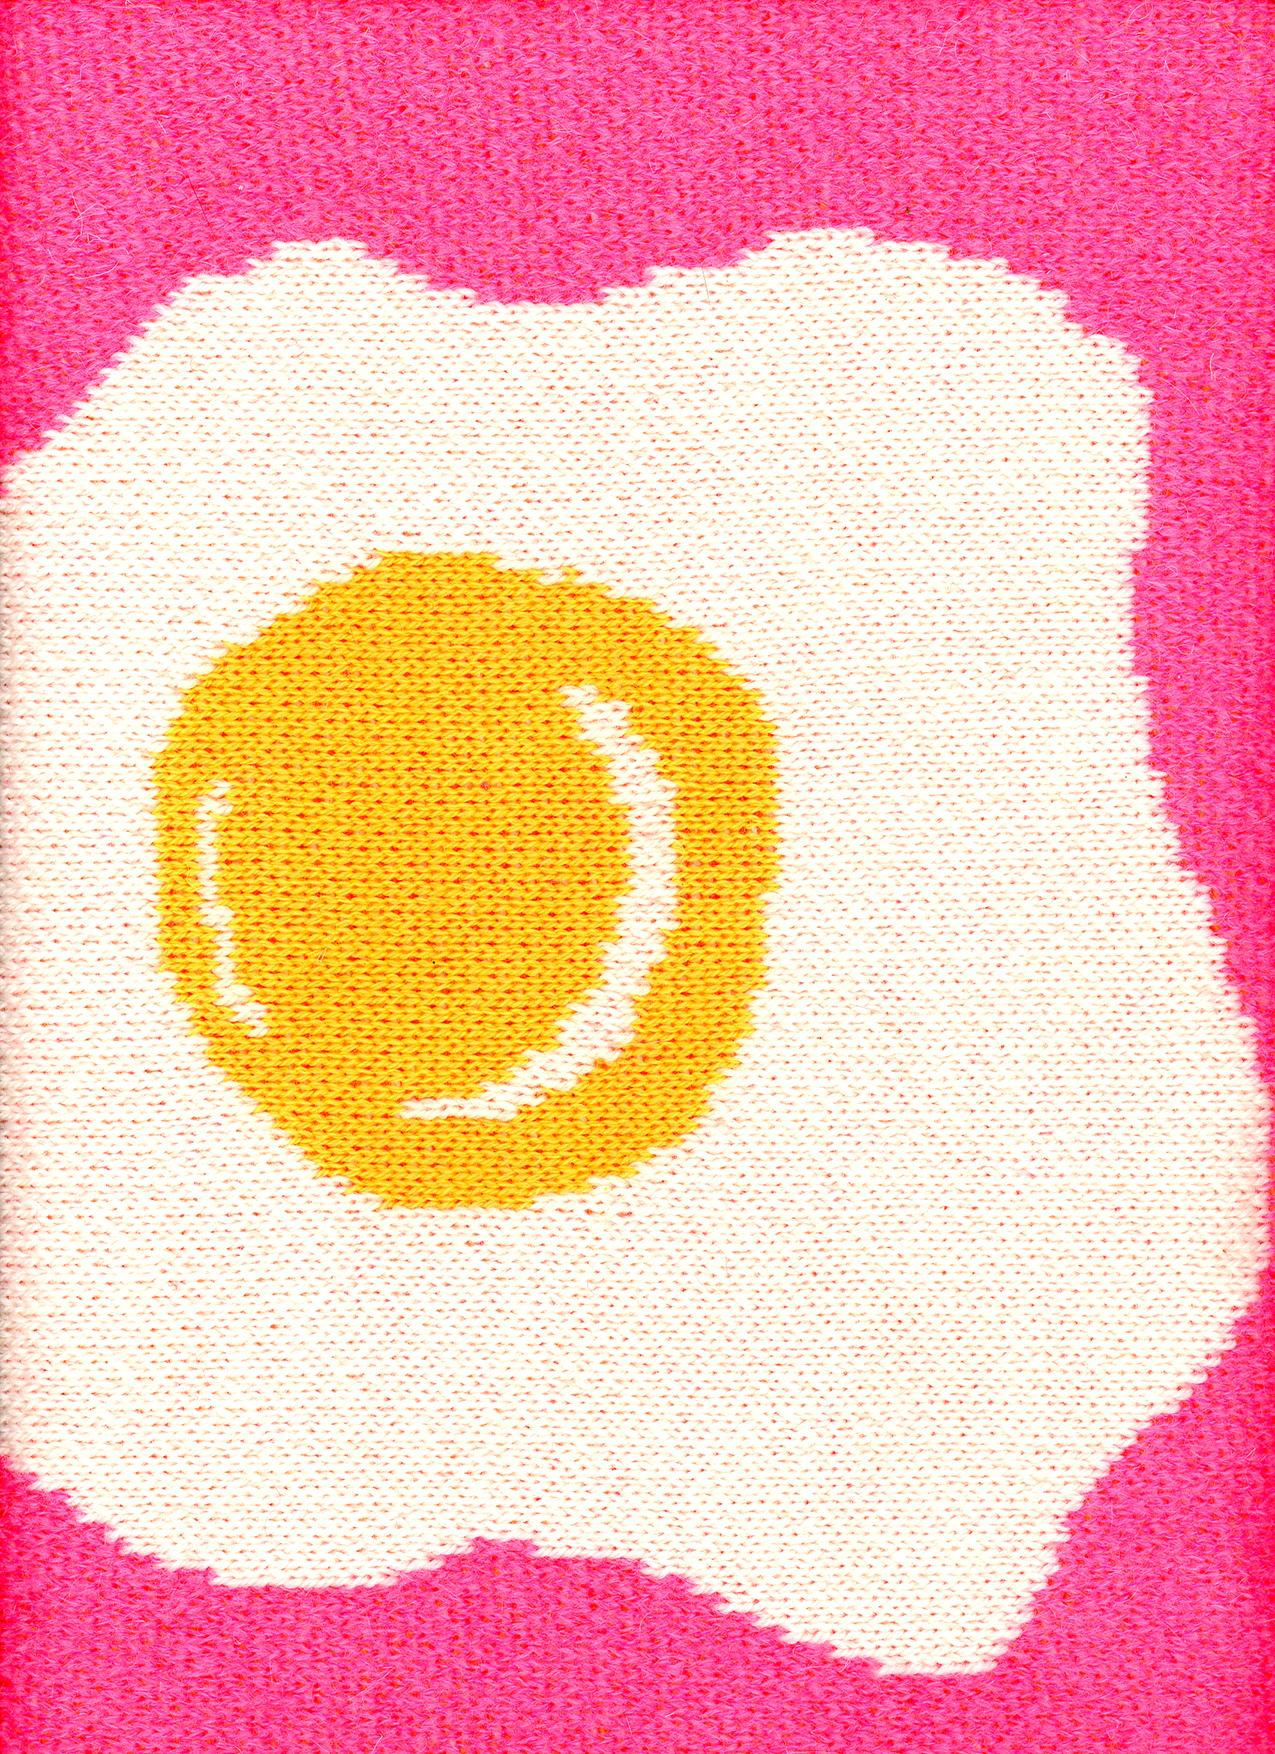 knits046.jpg